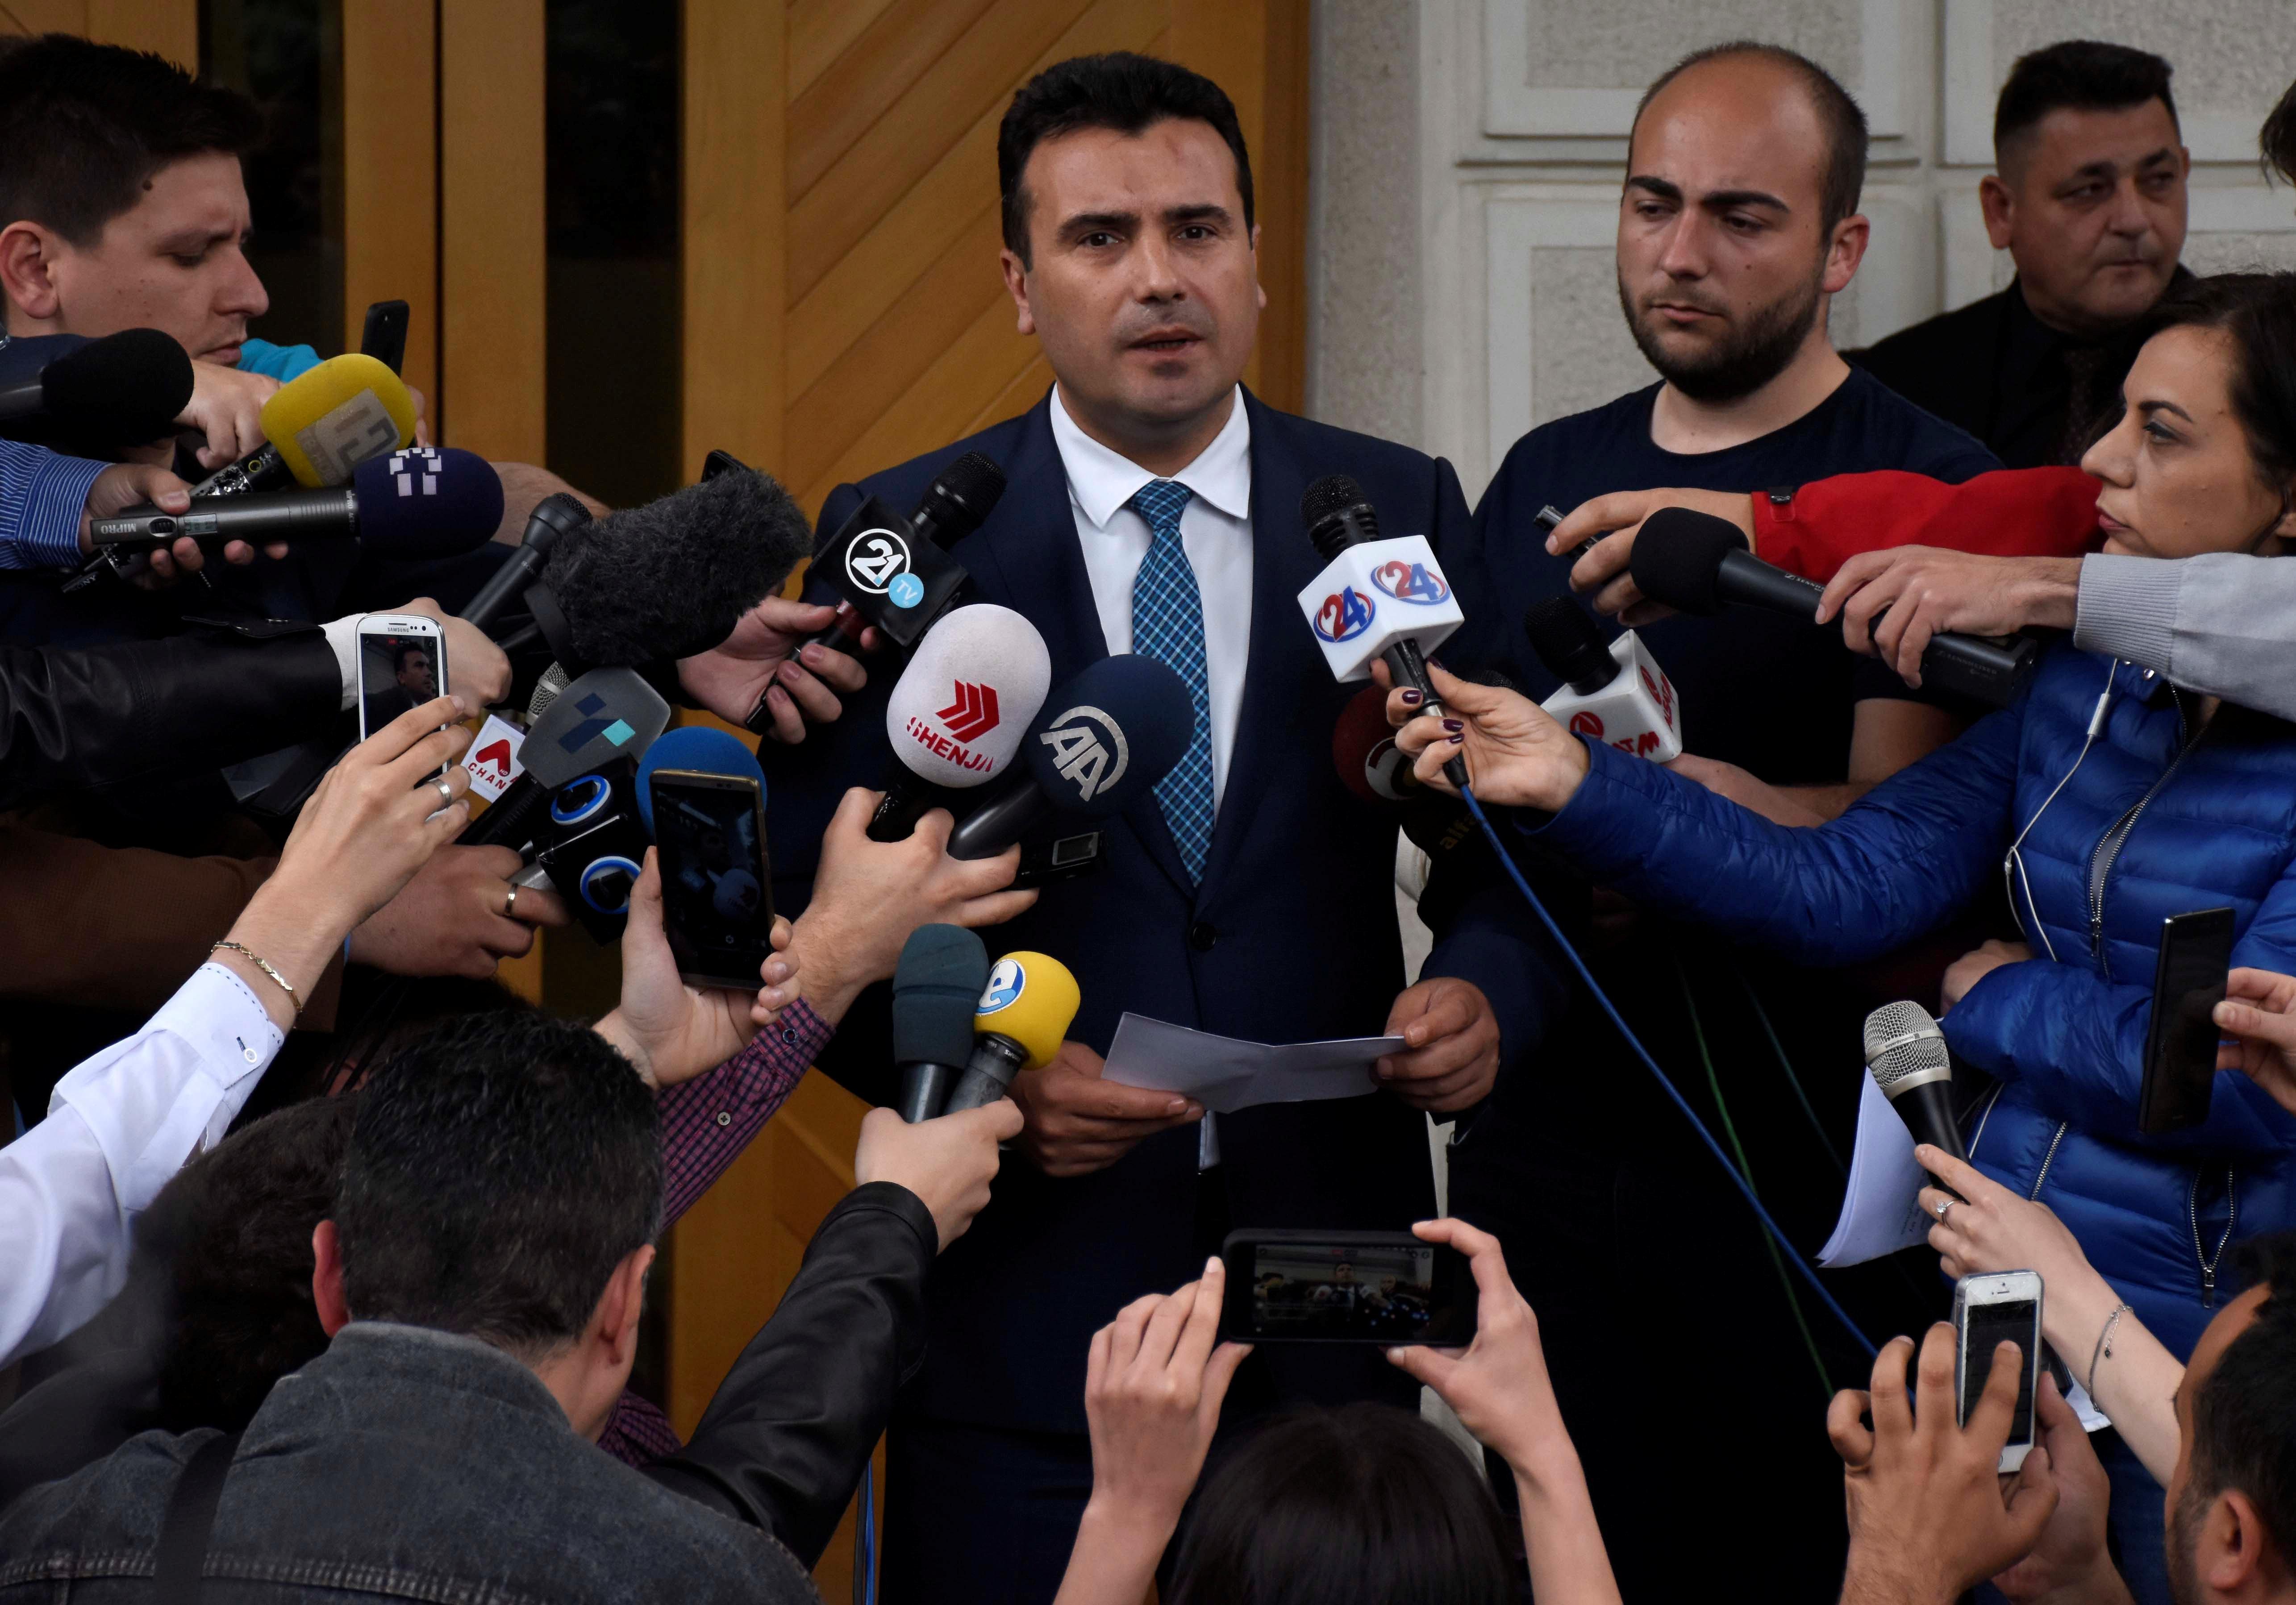 Κυβερνητικός εκπρόσωπος πΓΔΜ: Δεν υπάρχουν διαφορετικές θέσεις και διαφωνίες στην κυβέρνηση